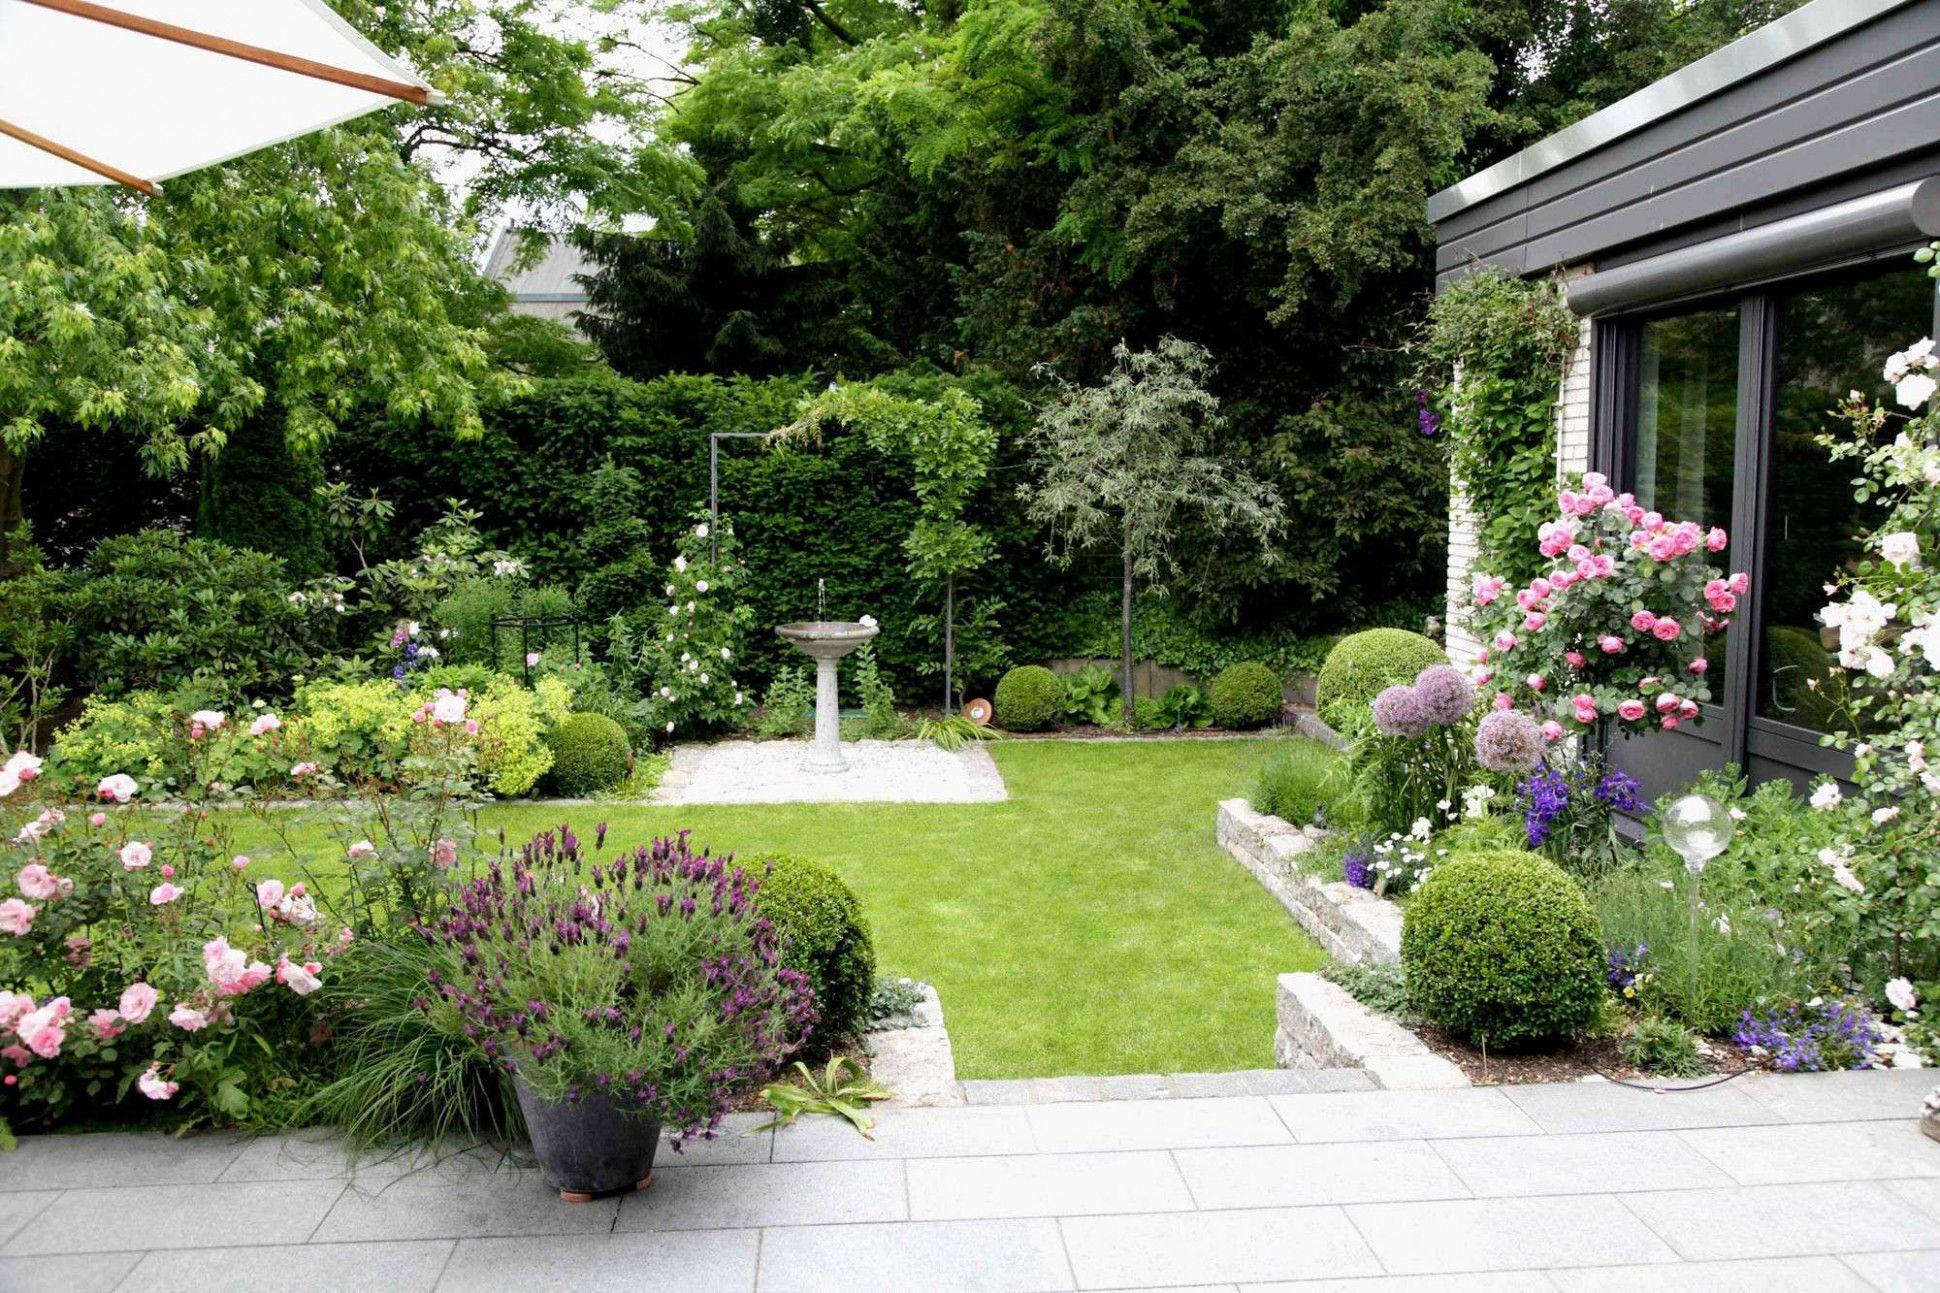 Garten Gestalten Modern Gartengestaltung Gartengestaltung Bilder Garten